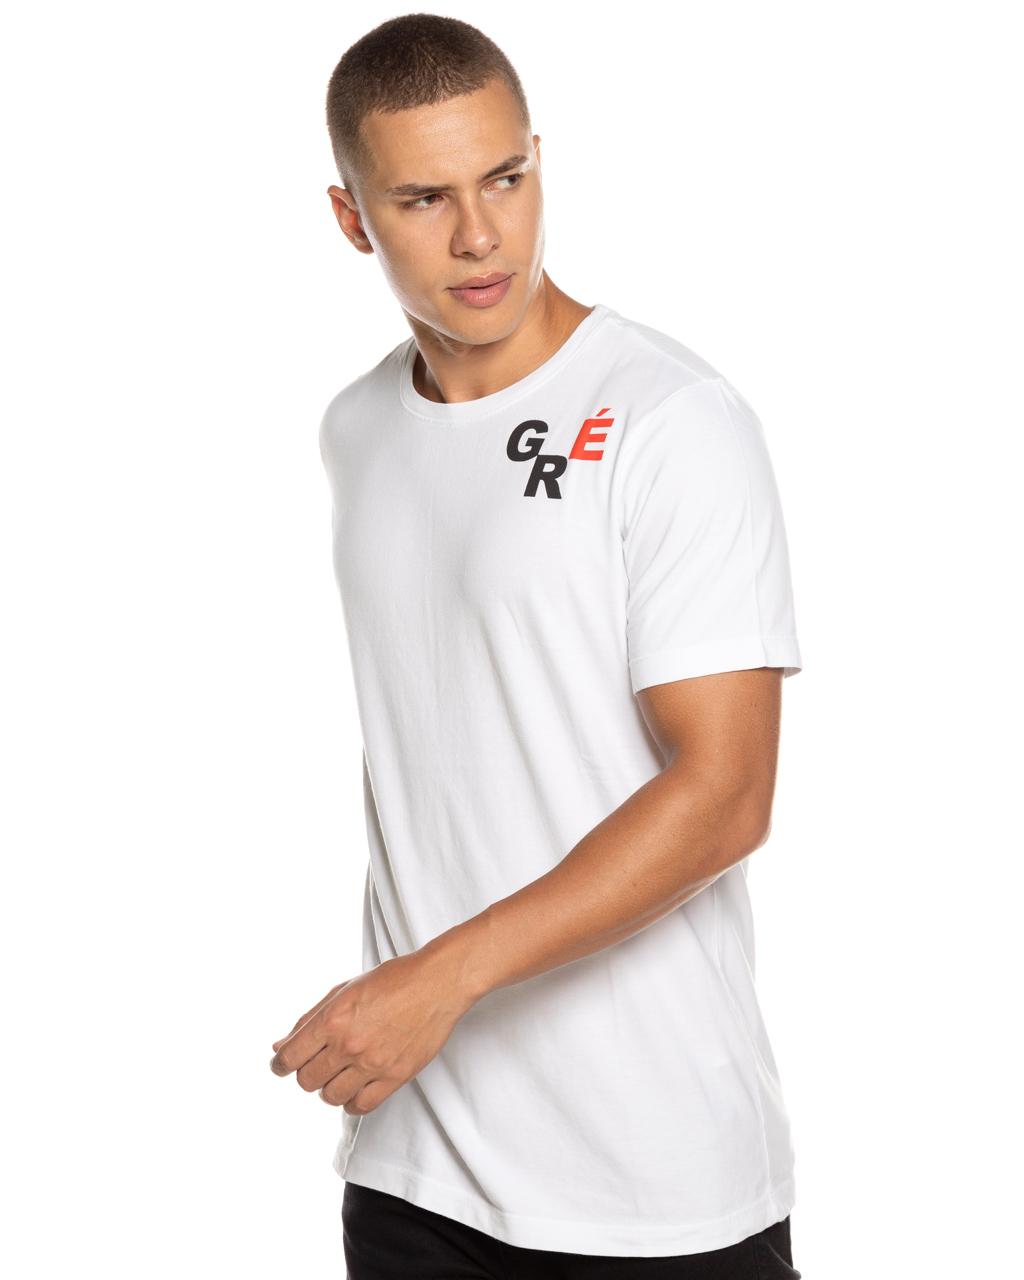 T-shirt Chest Logo  - Garré